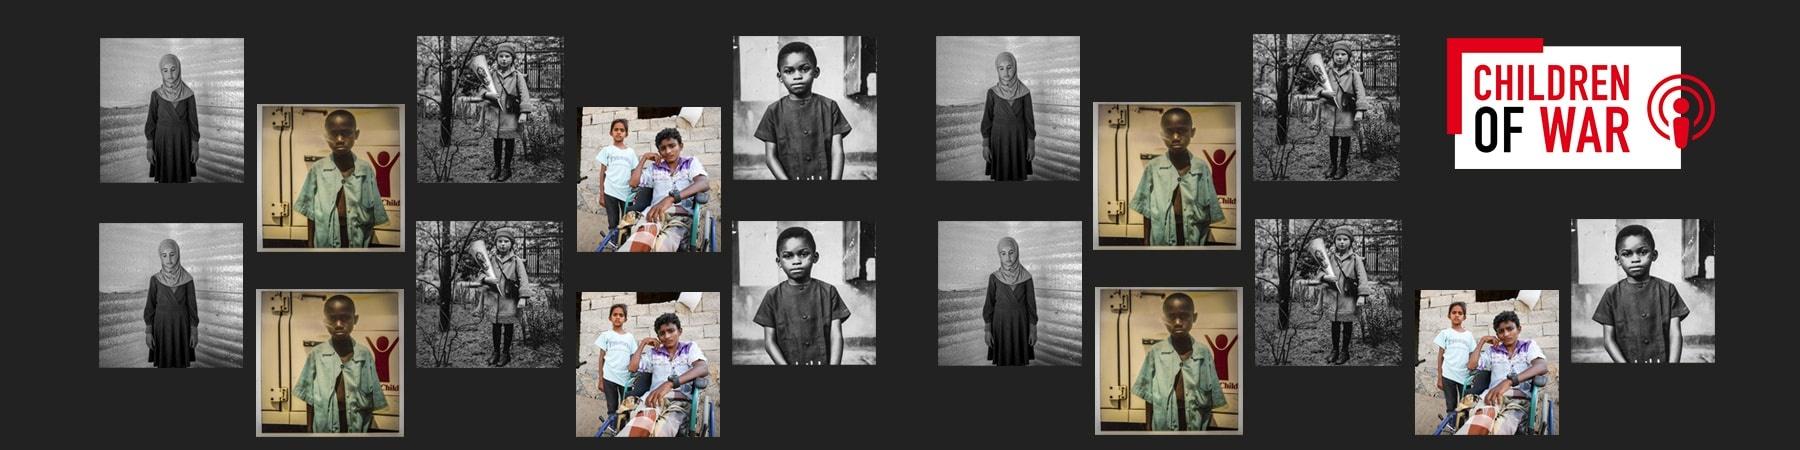 collage su sfondo nero di foto di bambini a colori e in bianco e nero di diverse nazionalità.